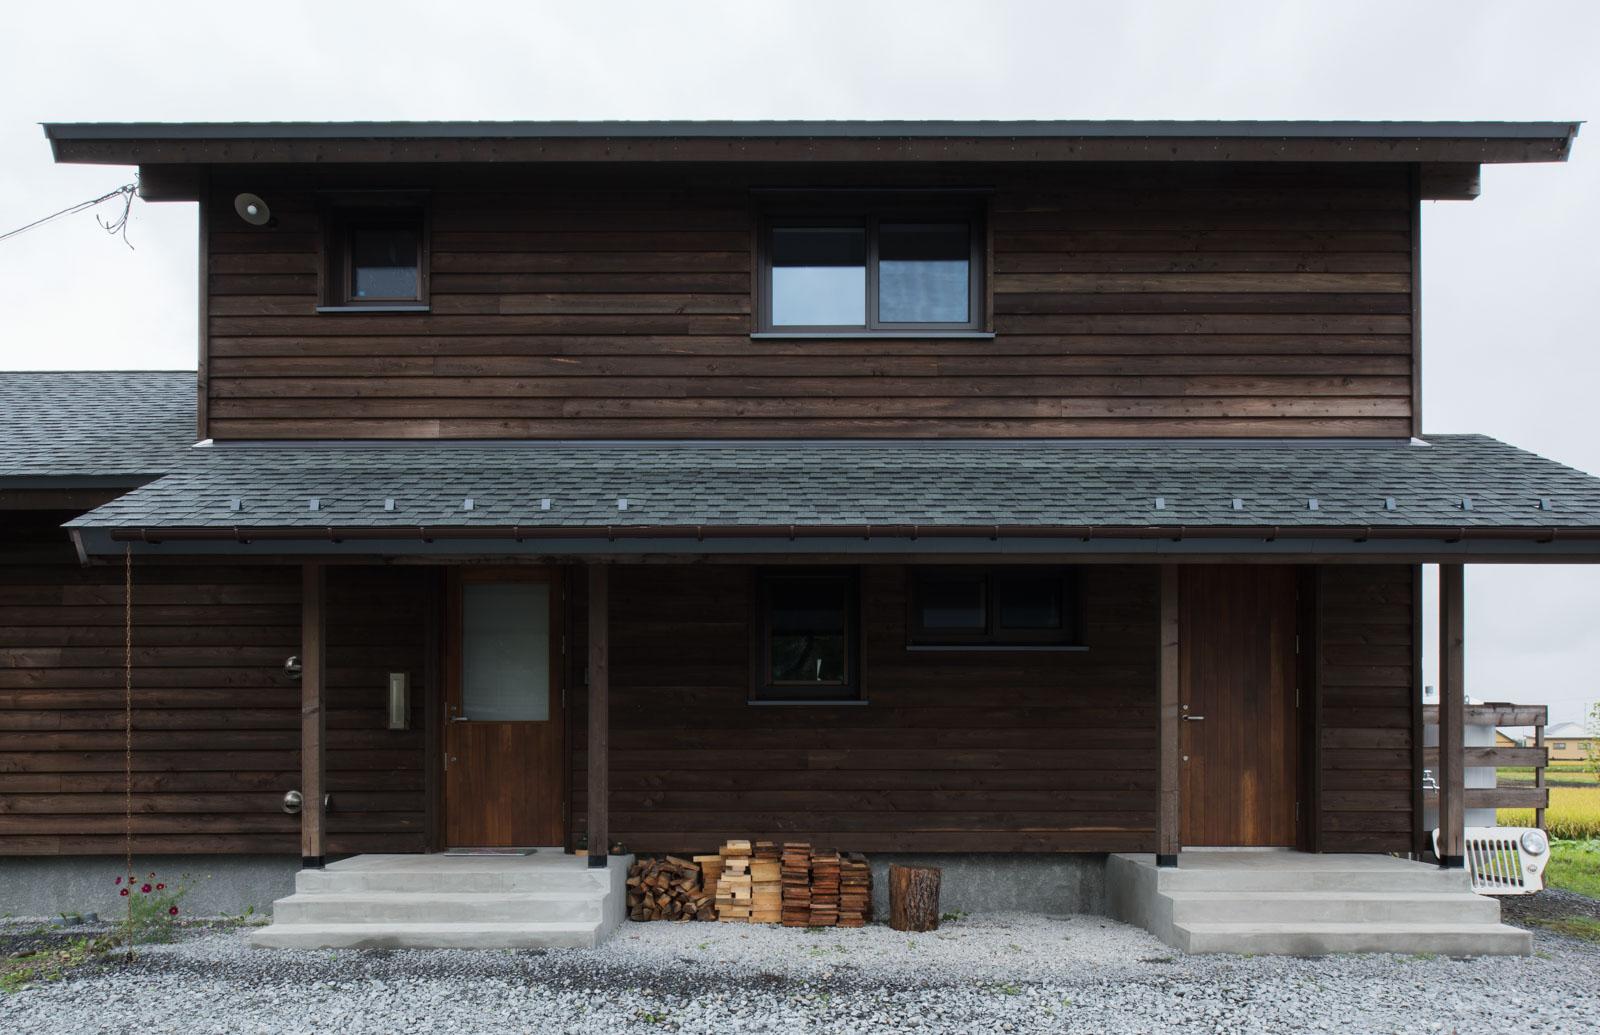 道産カラマツを張った外壁と長い庇が印象的な外観。右側が事務室や水まわりなどへ最短の動線で出入りできる裏玄関